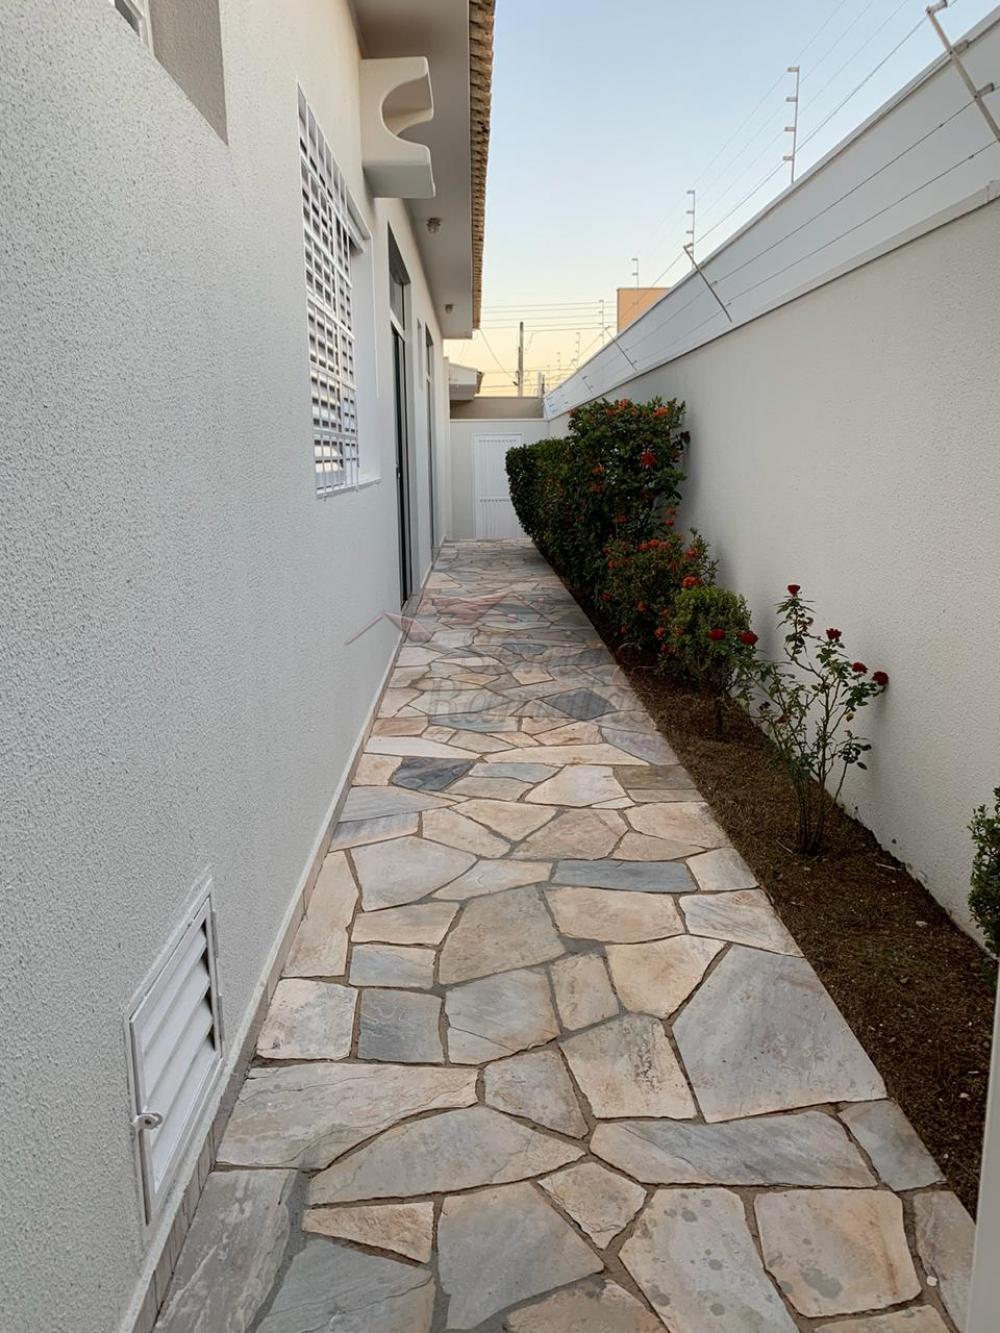 Alugar Casas / Padrão em Ribeirão Preto apenas R$ 3.600,00 - Foto 4